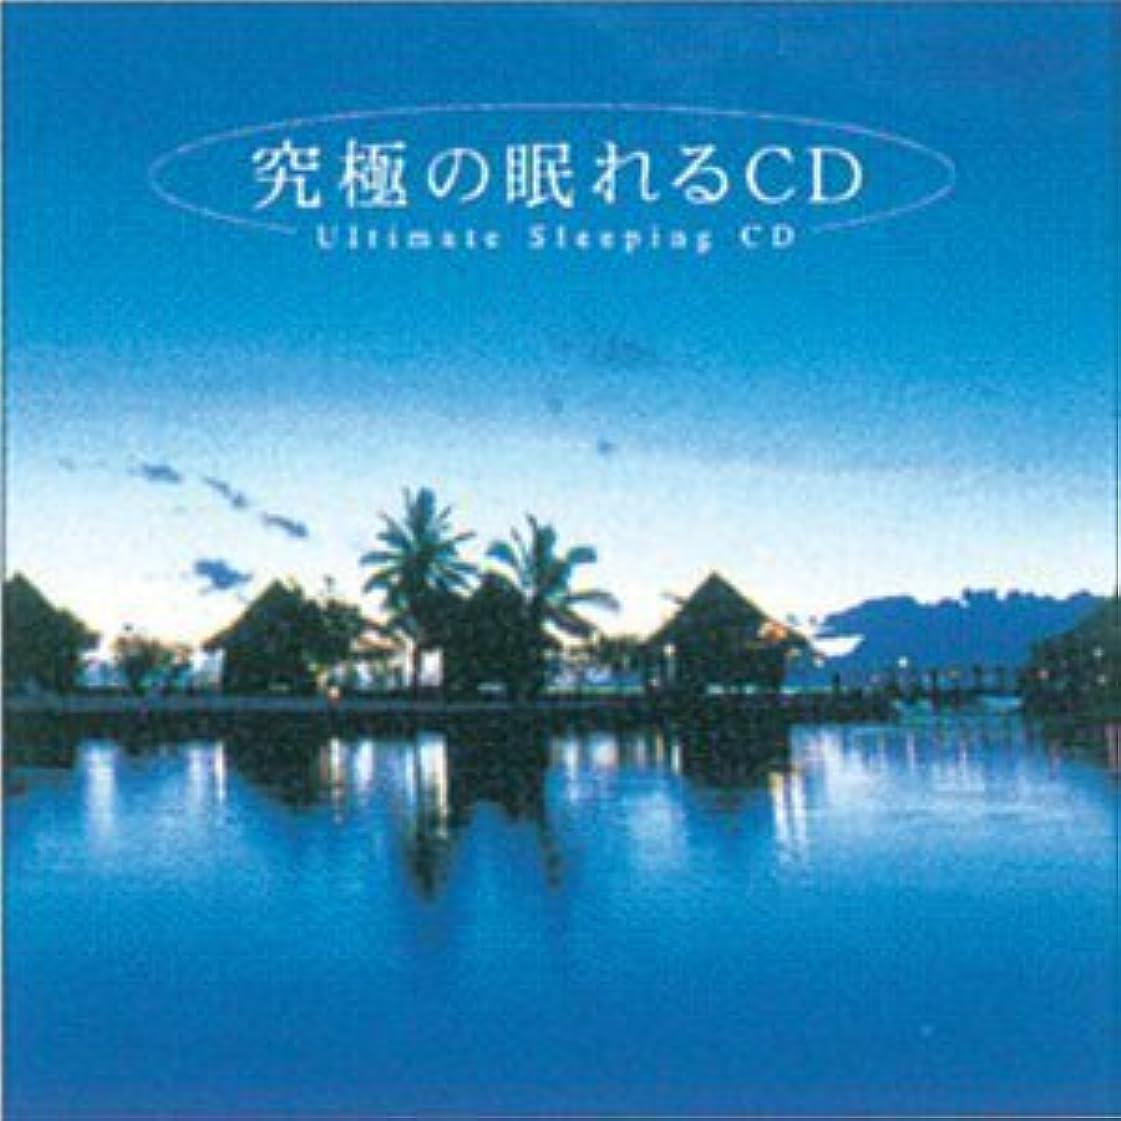 実行内向き楽しませる【メディカルブック】 リラクゼーションCD 究極の眠れるCD(60分) (SI-407L)